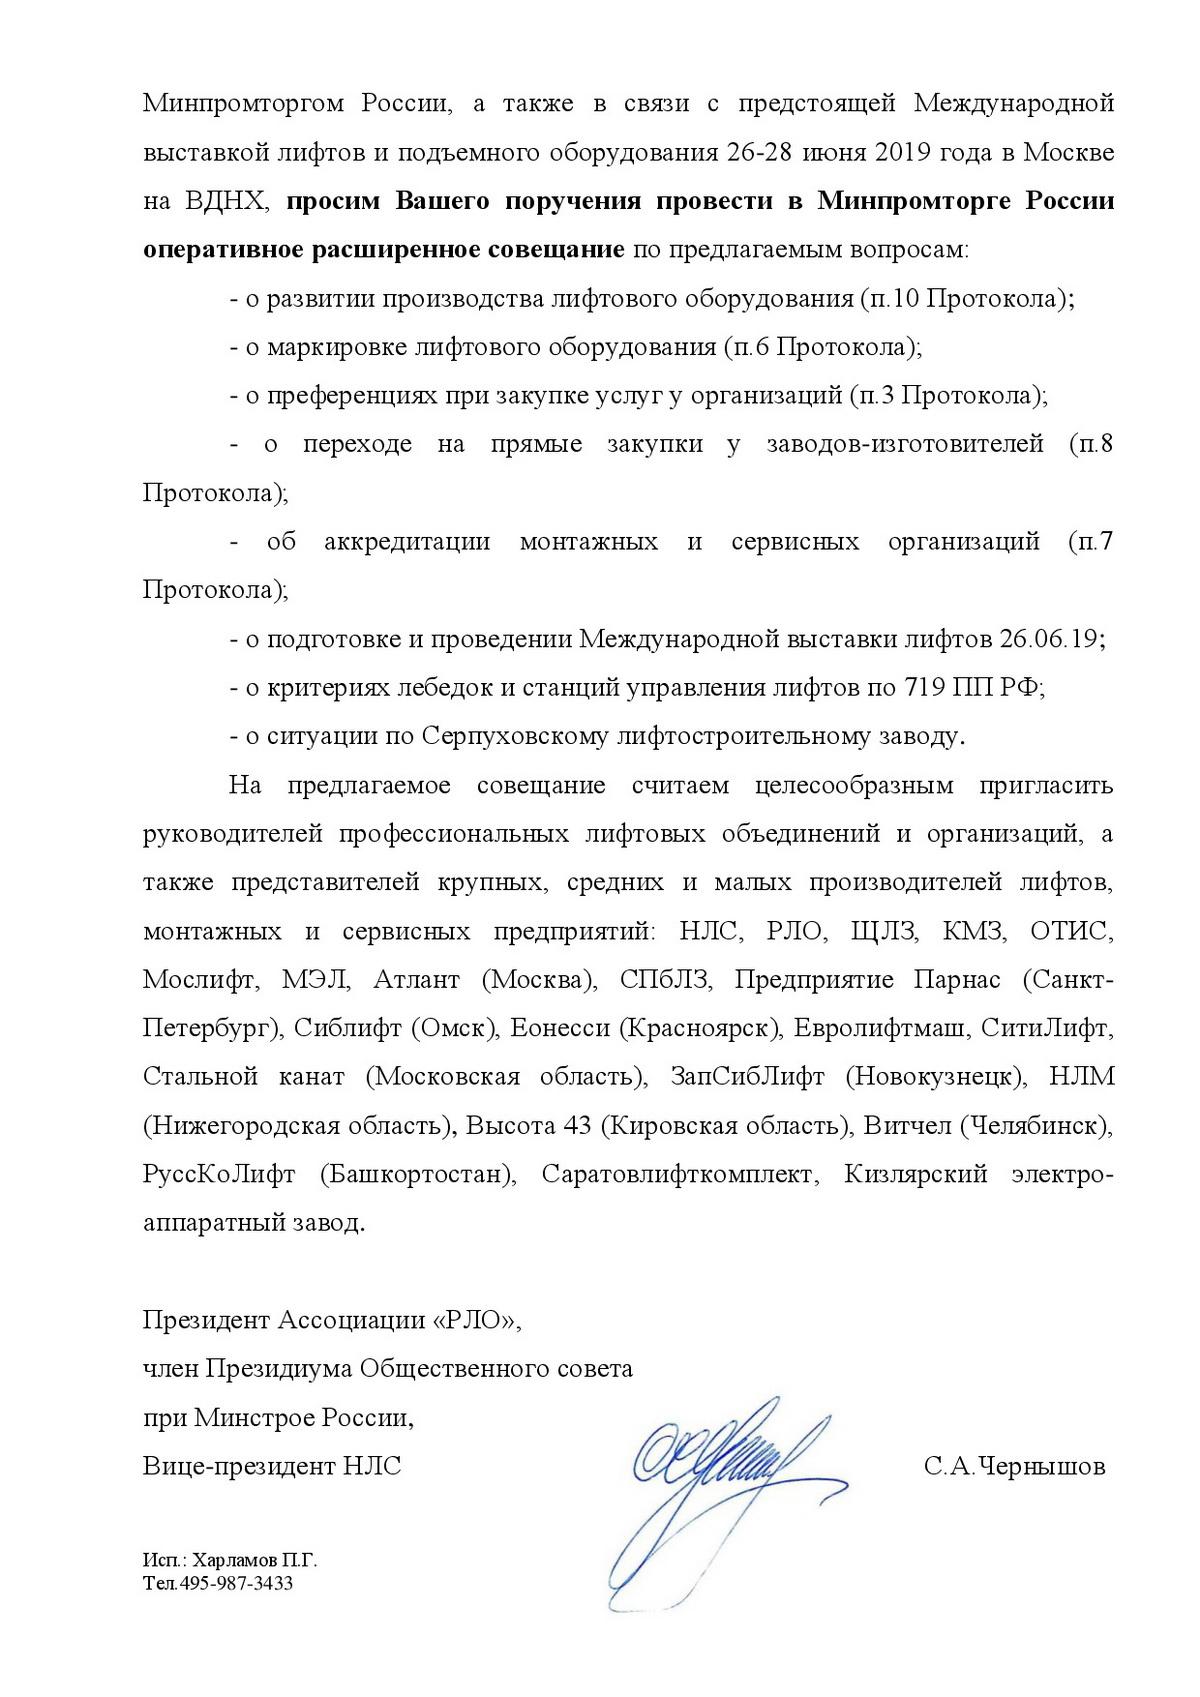 «Российское лифтовое объединение» обратилось в Минпромторг с предложением о проведении расширенного совещания по проблемным вопросам лифтовой отрасли